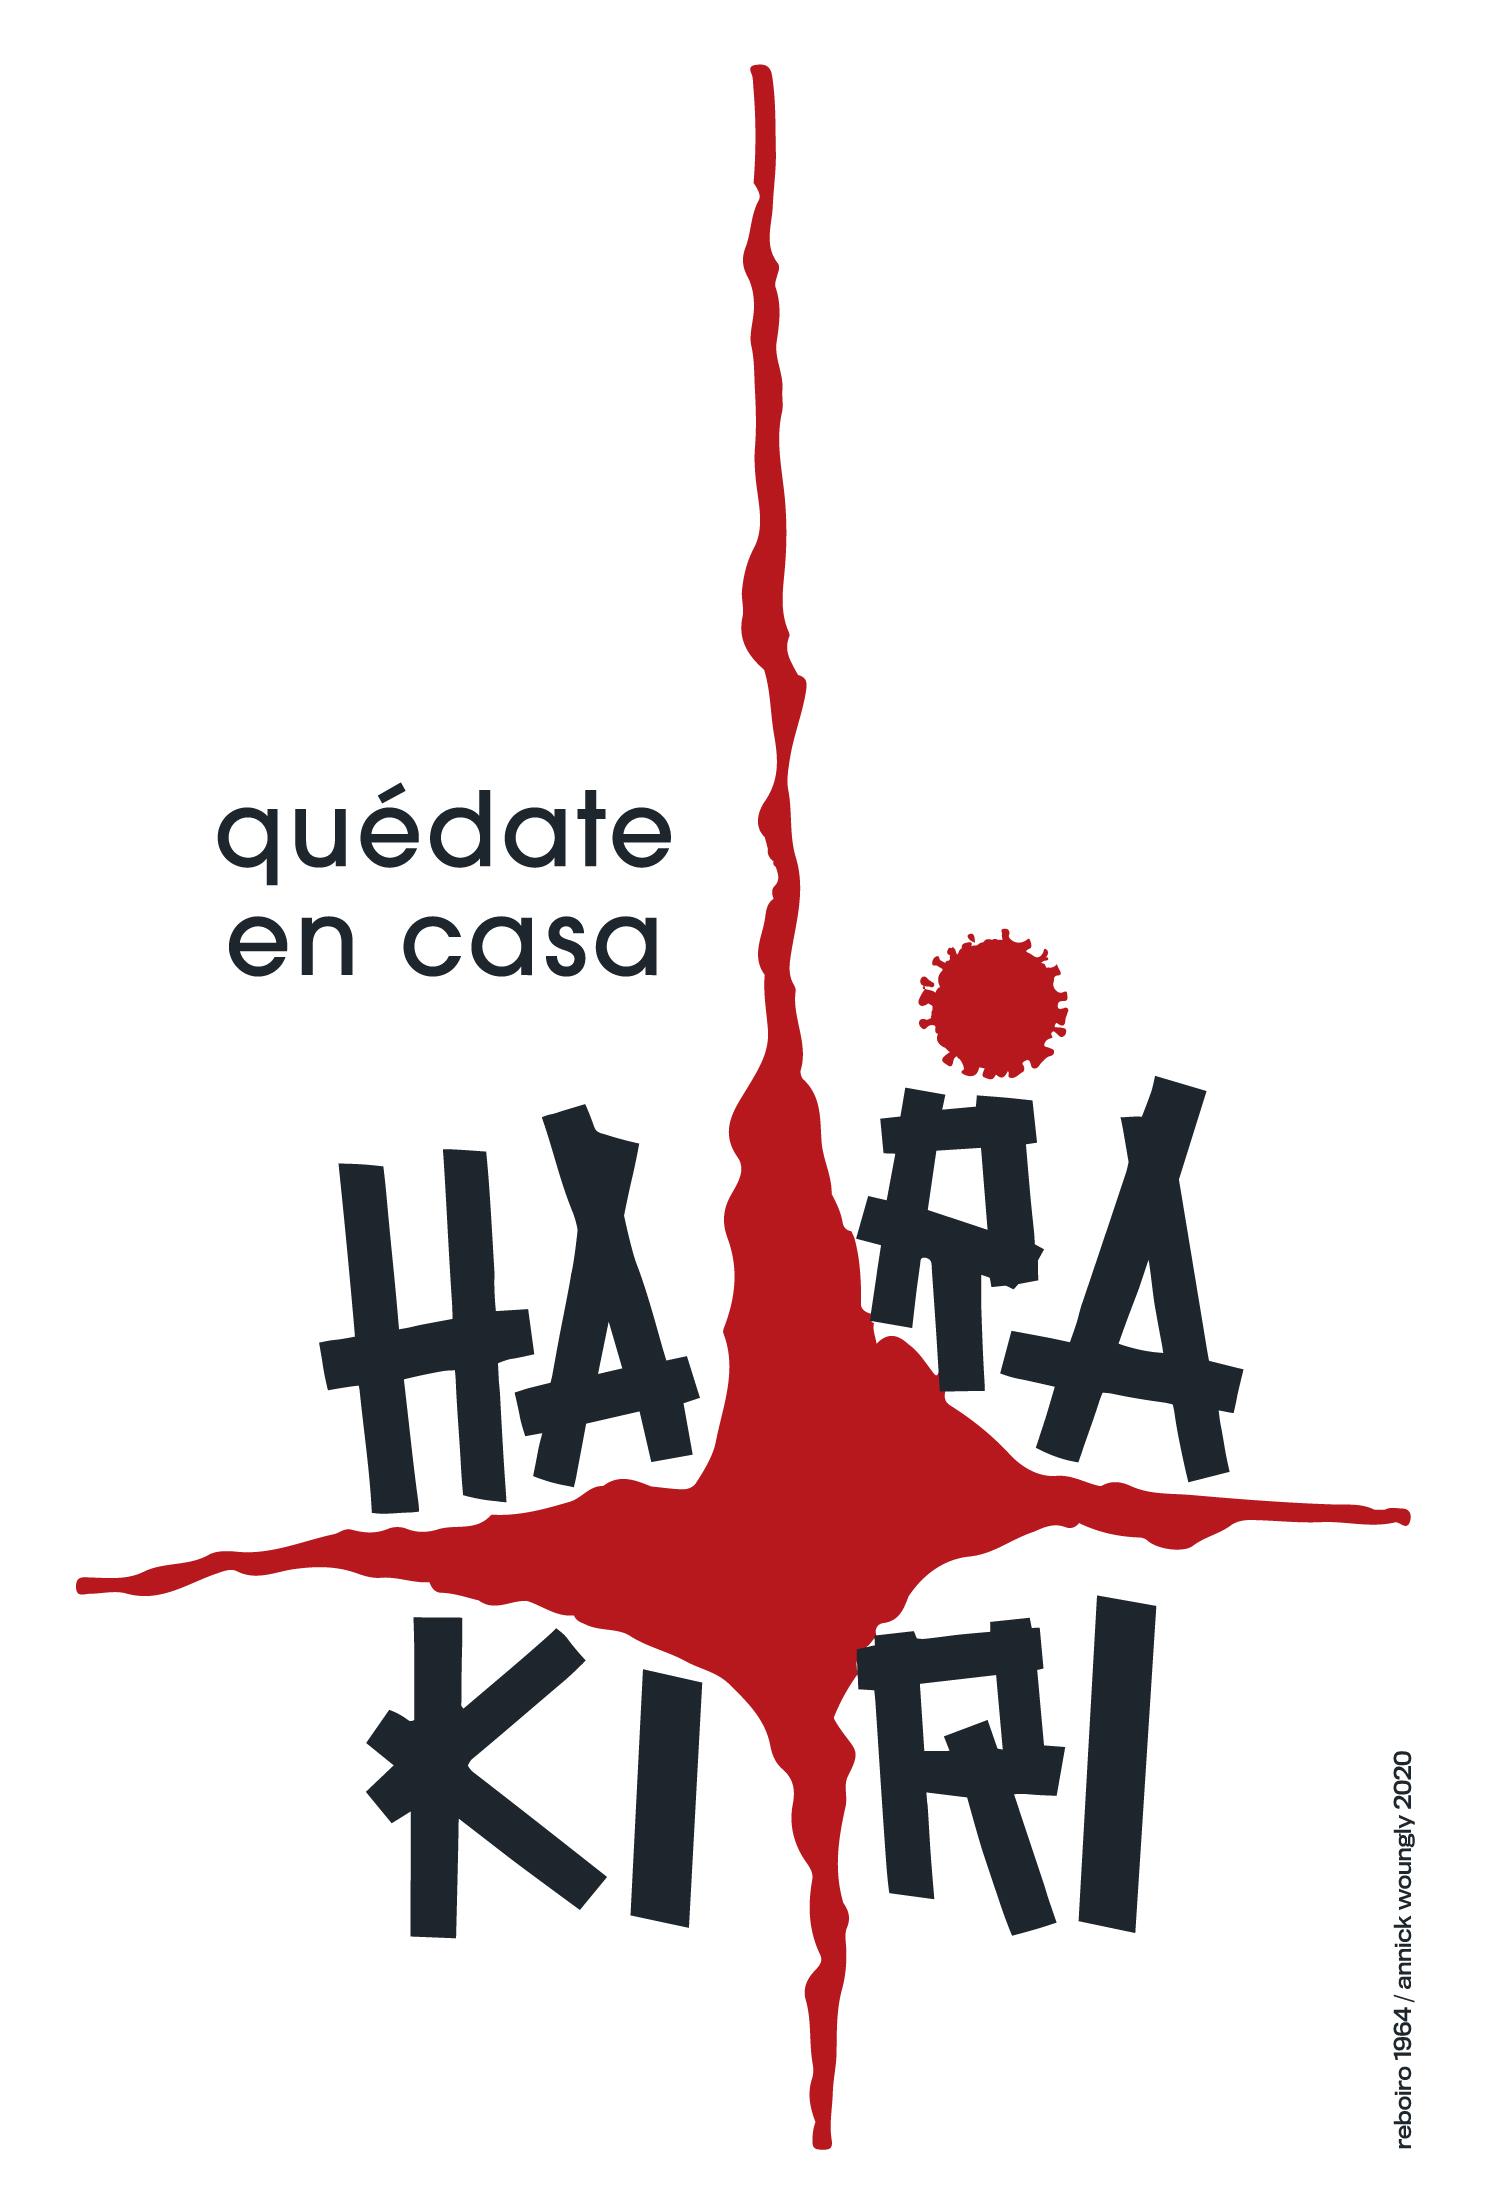 El cartel cubano en los tiempos del coronavirus. Harakiri. Reboiro 1964.